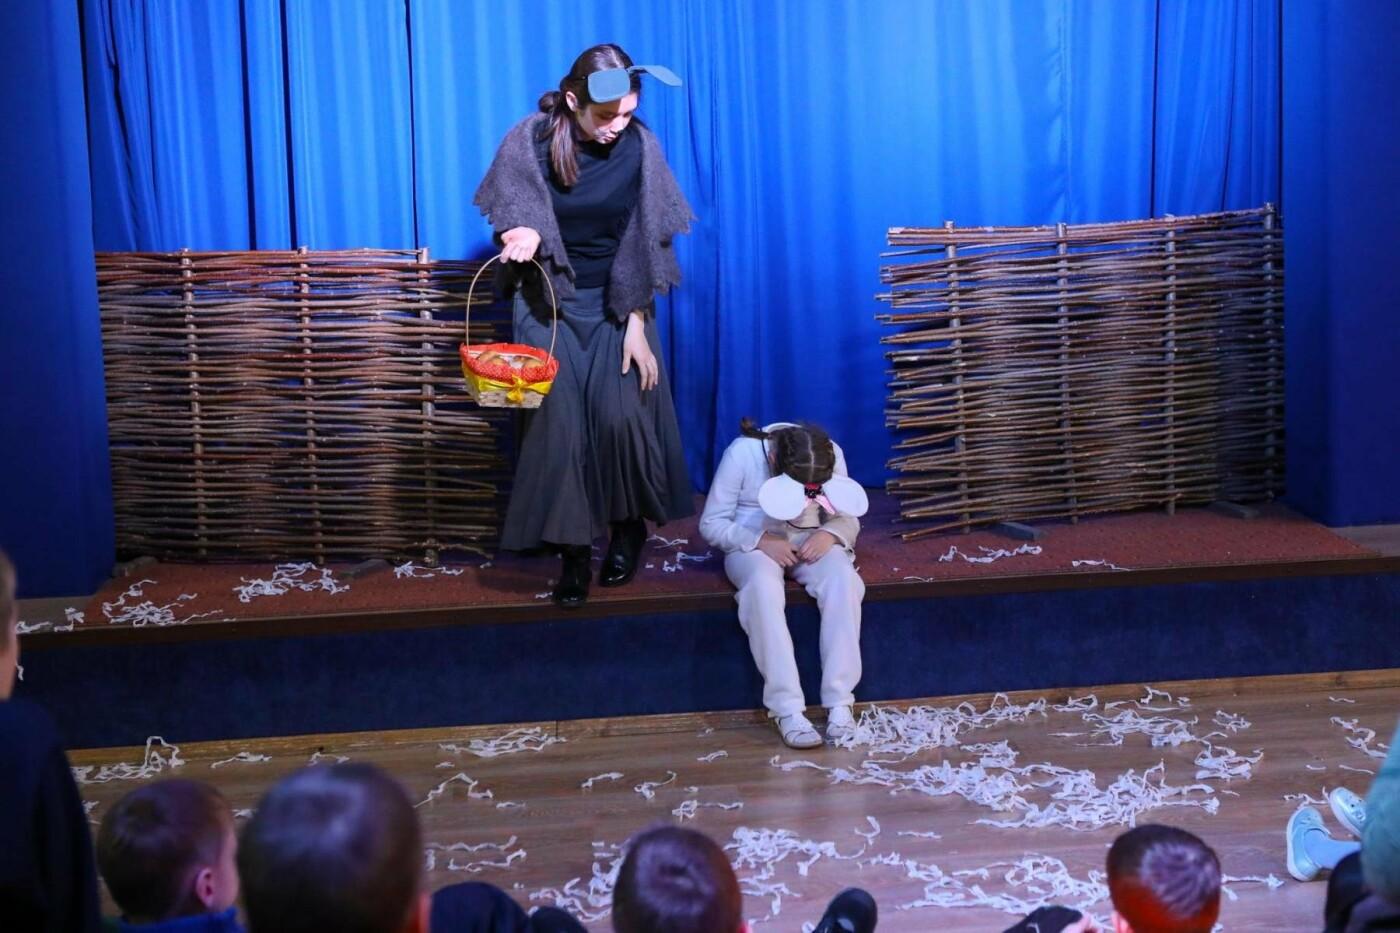 В Белгороде состоялась премьера инклюзивного спектакля «Приключения белой мышки», фото-12